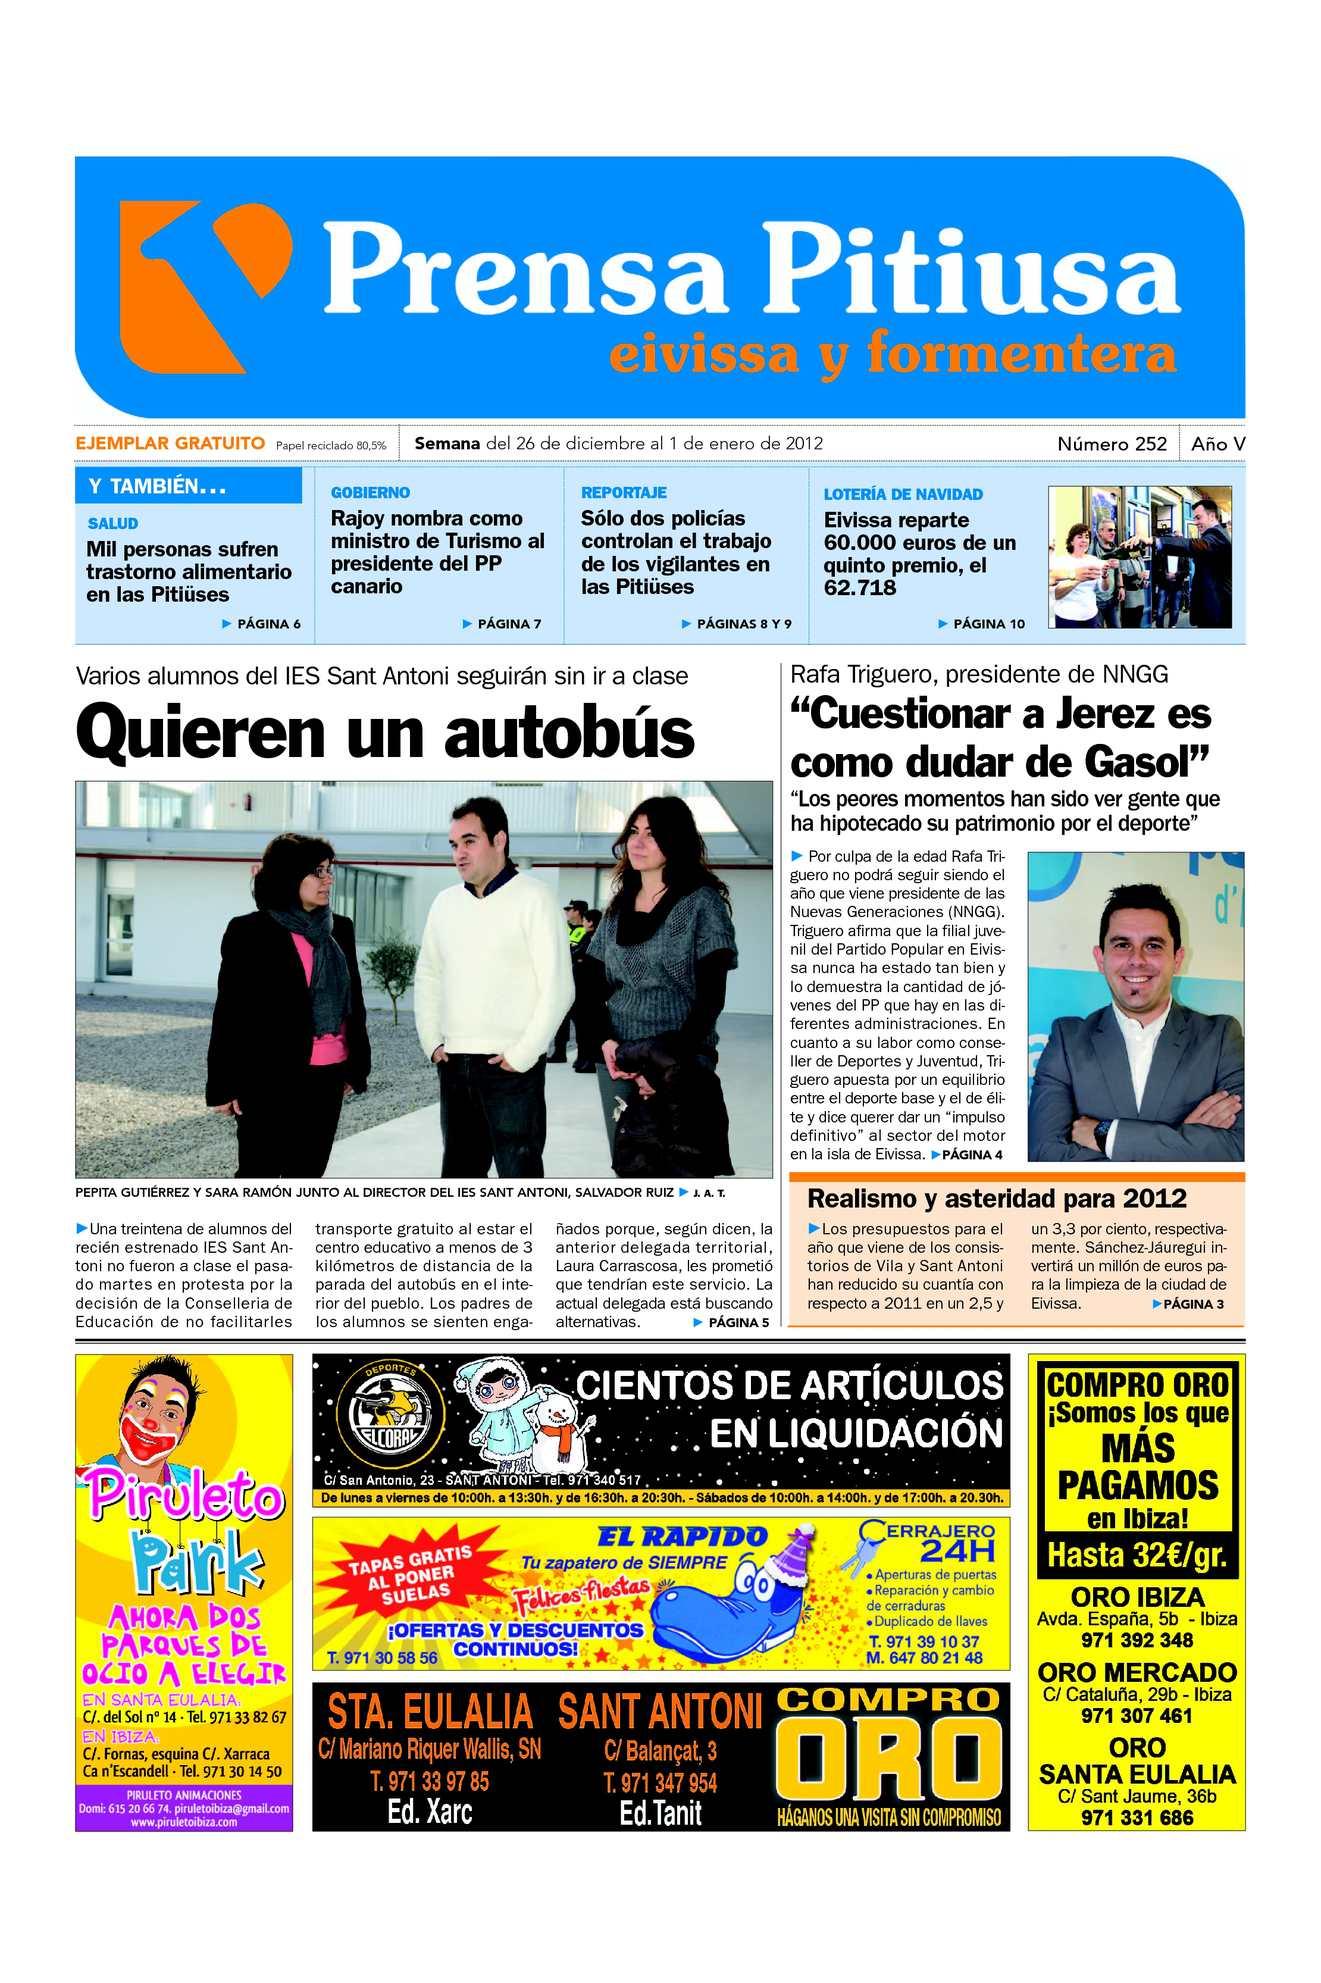 Calaméo - Prensa Pitiusa edición 252